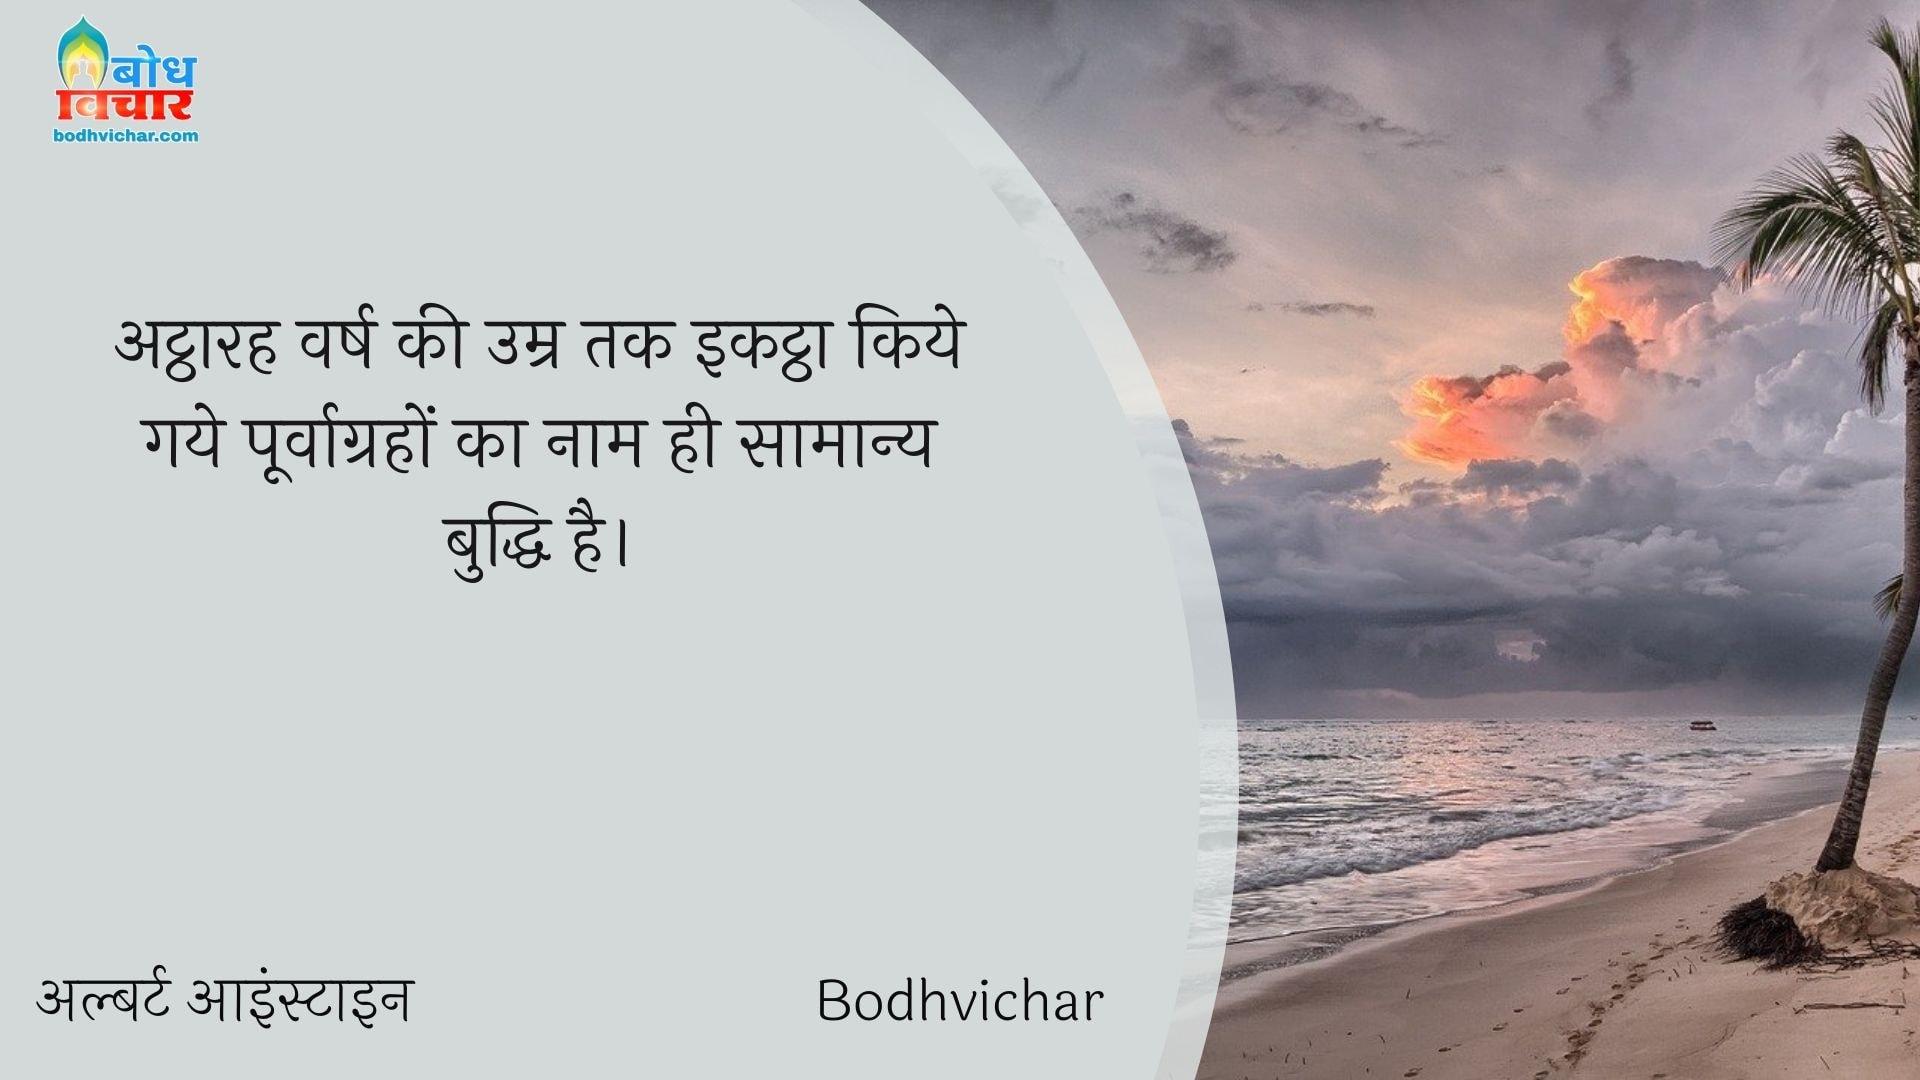 अट्ठारह वर्ष की उम्र तक इकट्ठा किये गये पूर्वाग्रहों का नाम ही सामान्य बुद्धि है। : Attharah varsh ki umra tak ikattha kiye gaye purvagraho ka naam buddhi hai. - अल्बर्ट आइन्स्टाइन